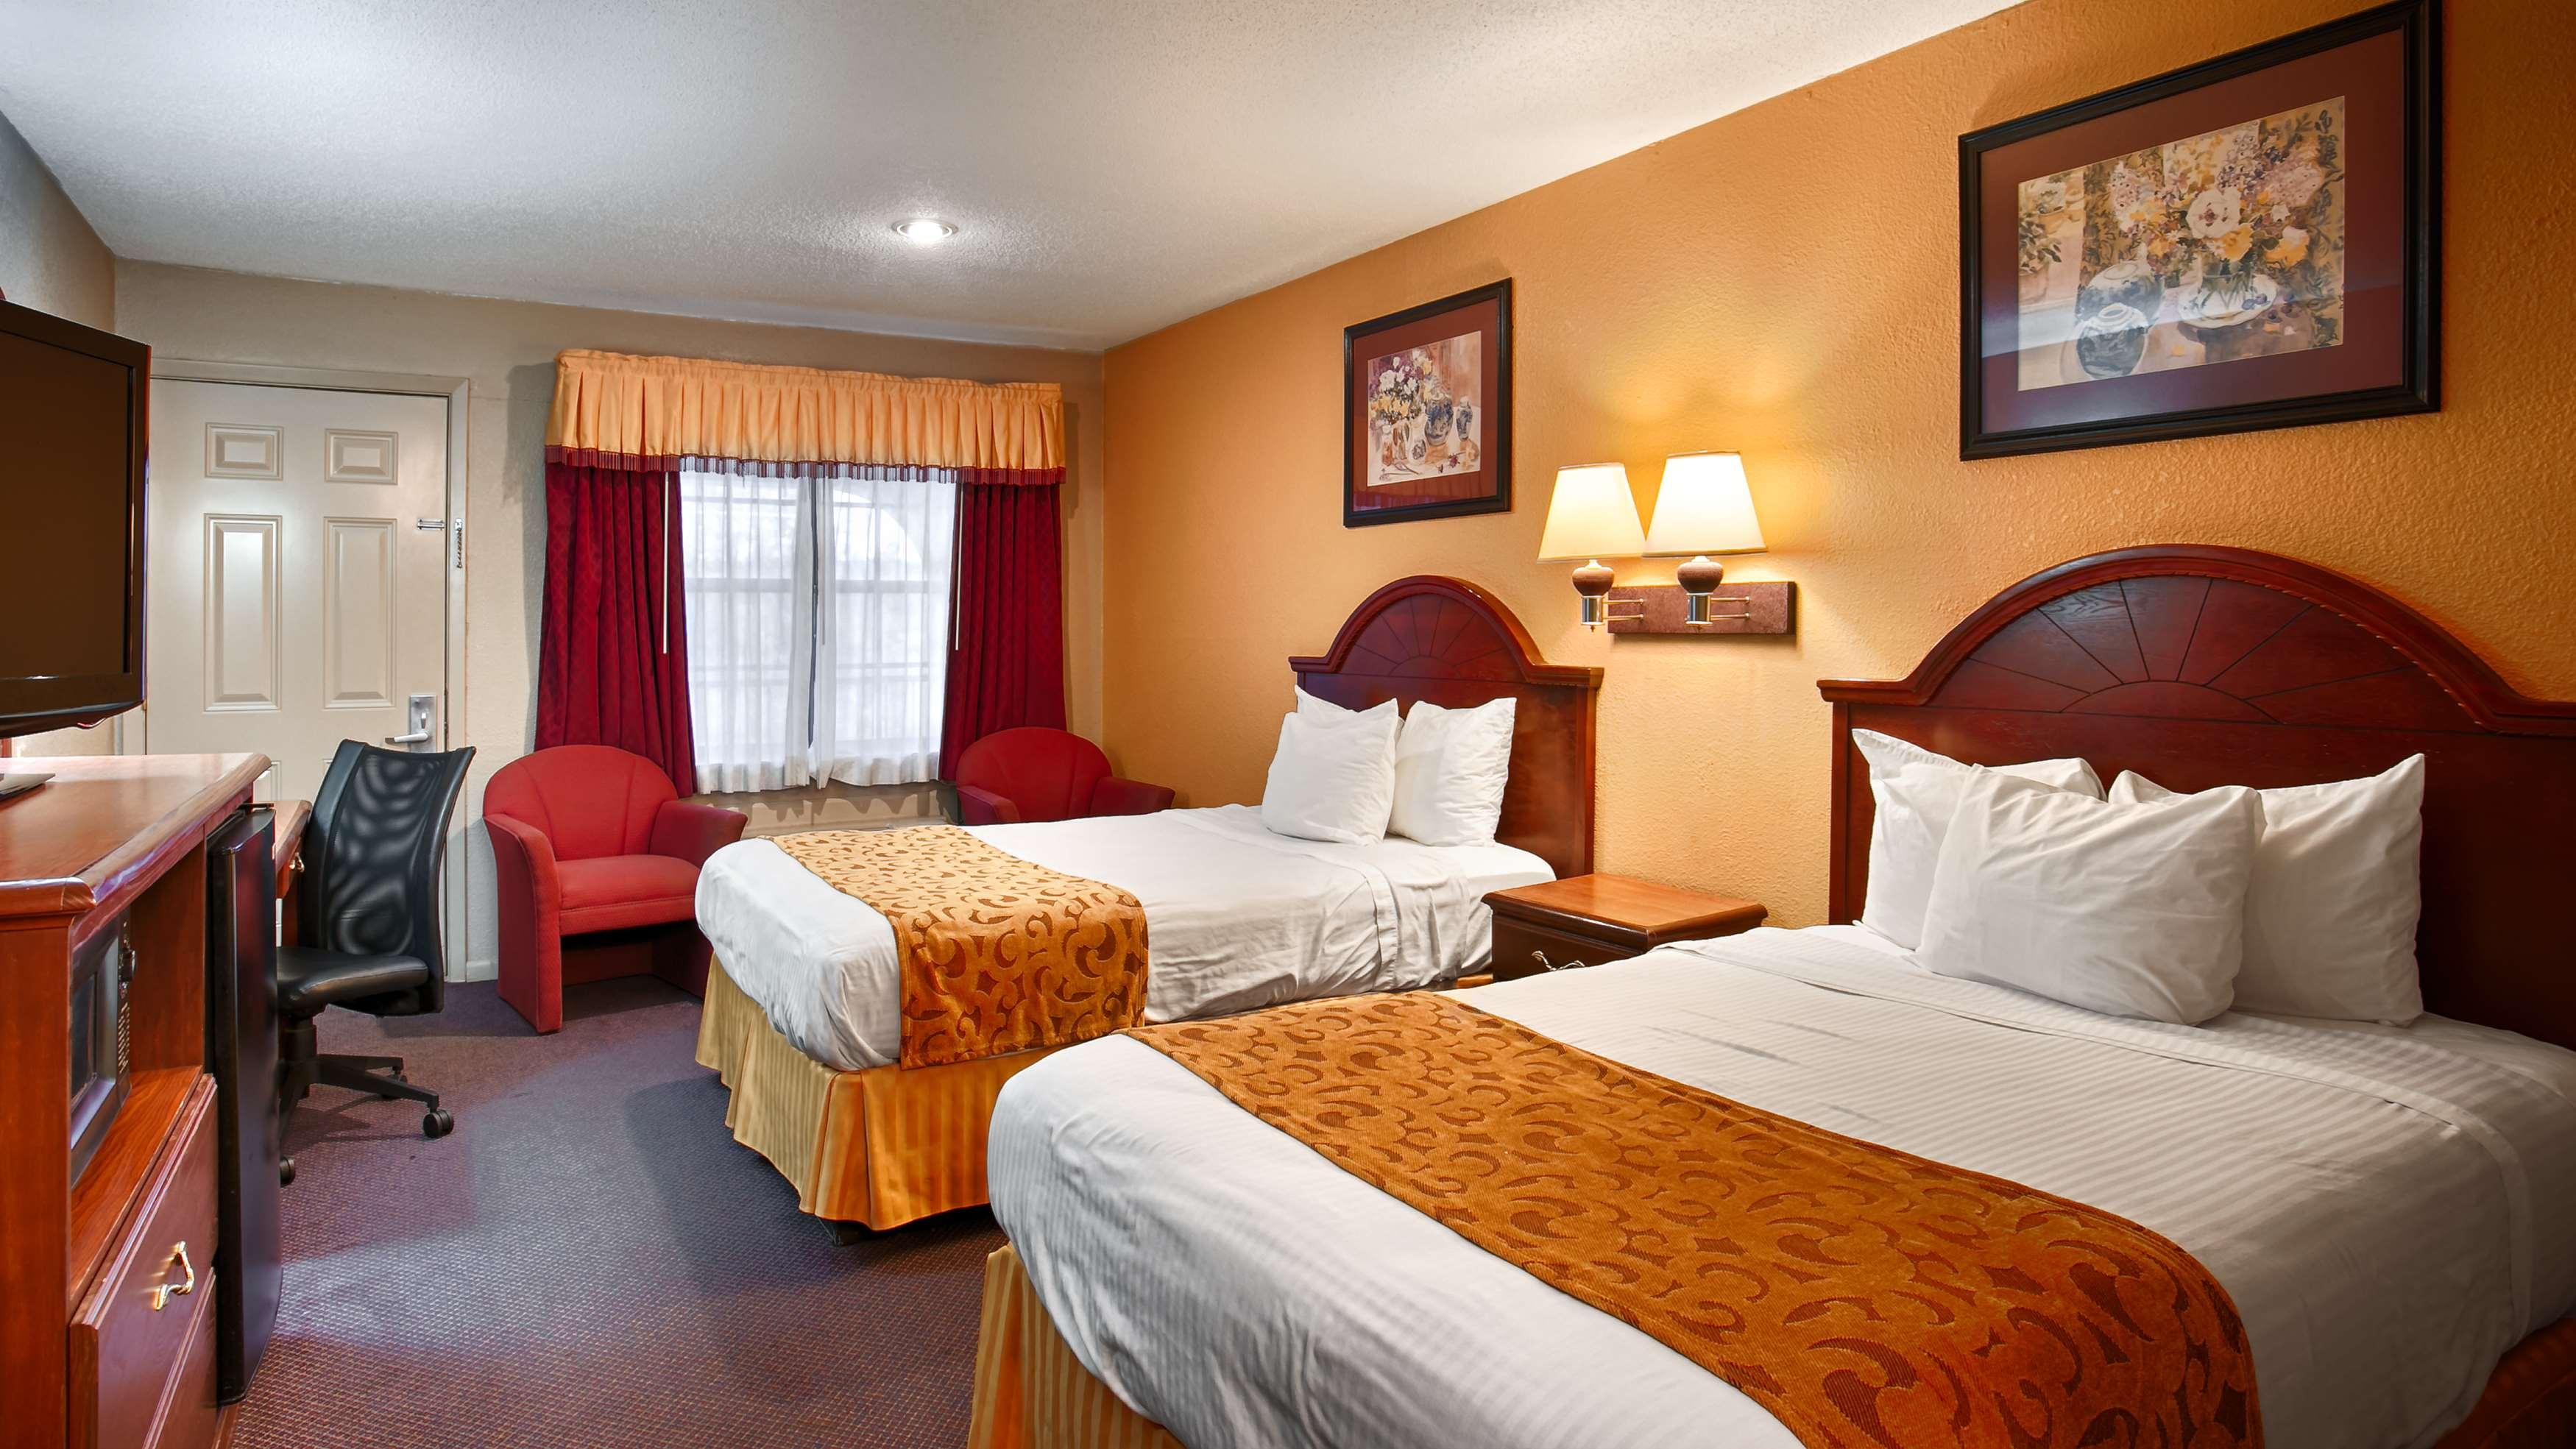 Best Western Delhi Inn image 6